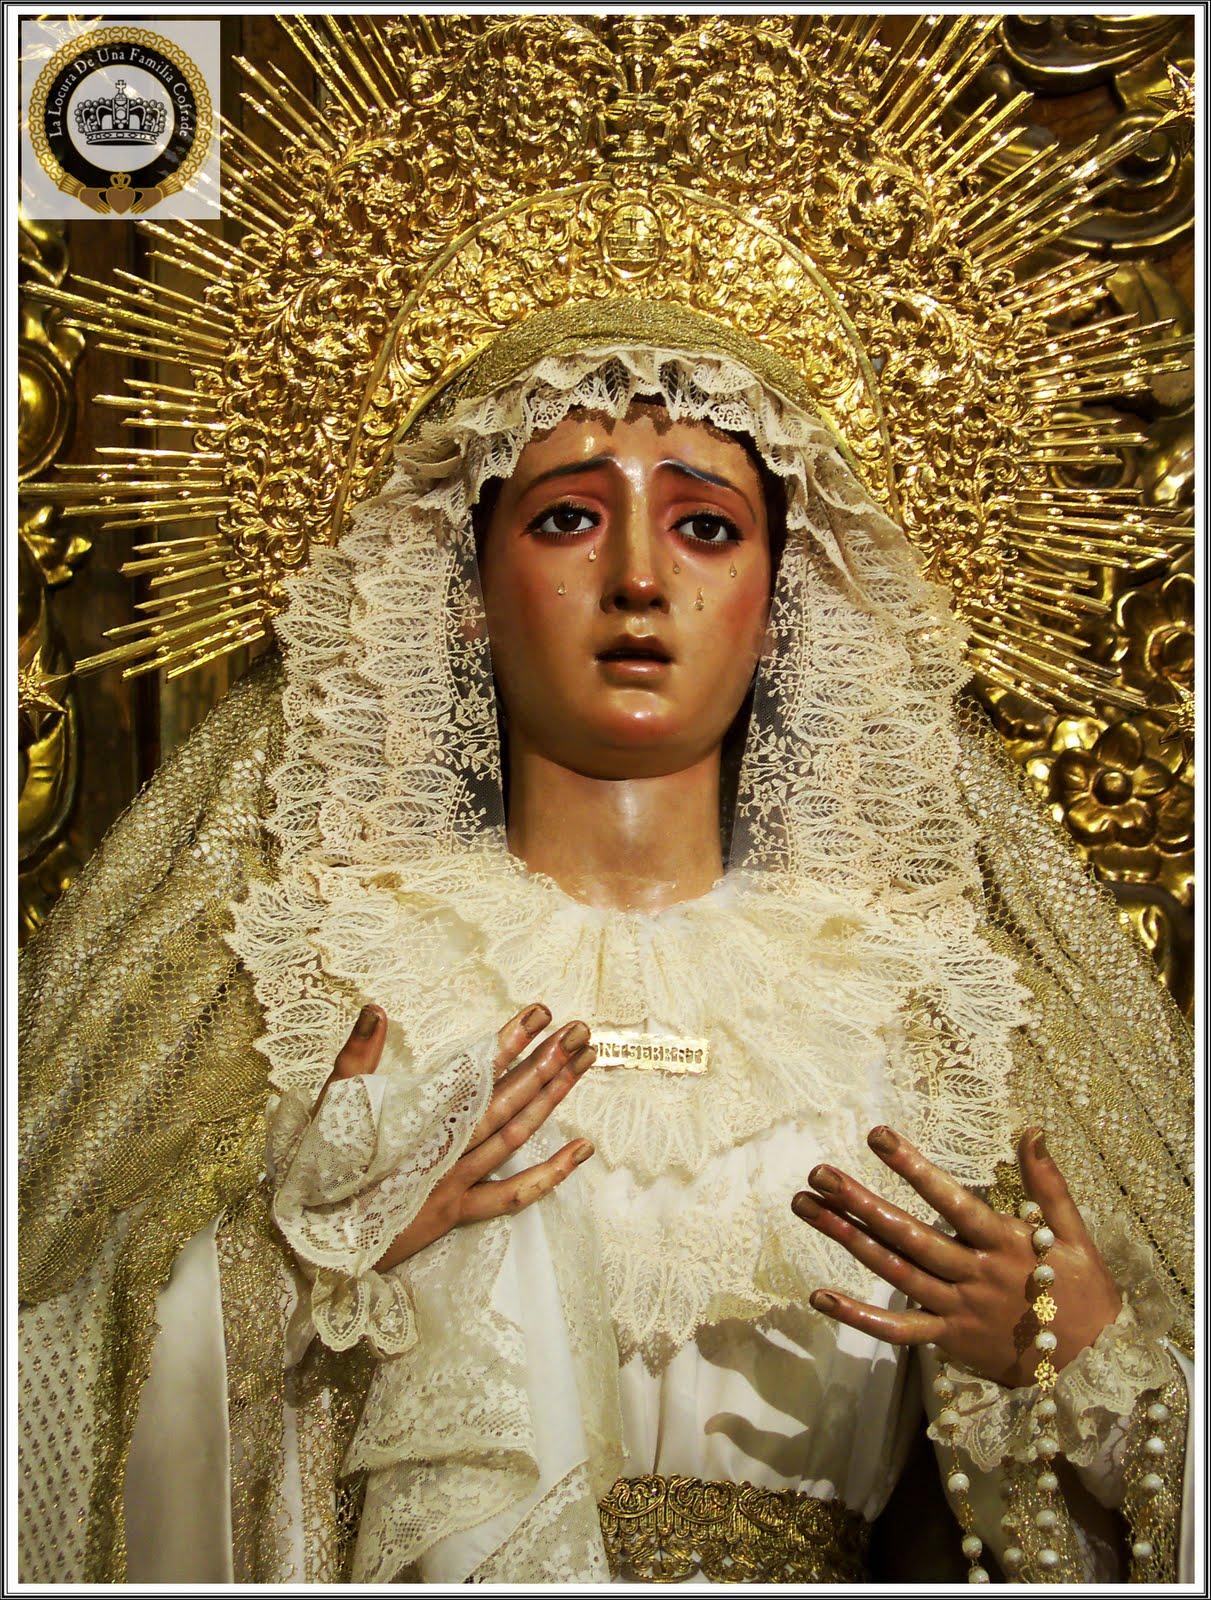 Montserrat de sevilla tiempo estival 2011 - Tiempo olesa de montserrat ...